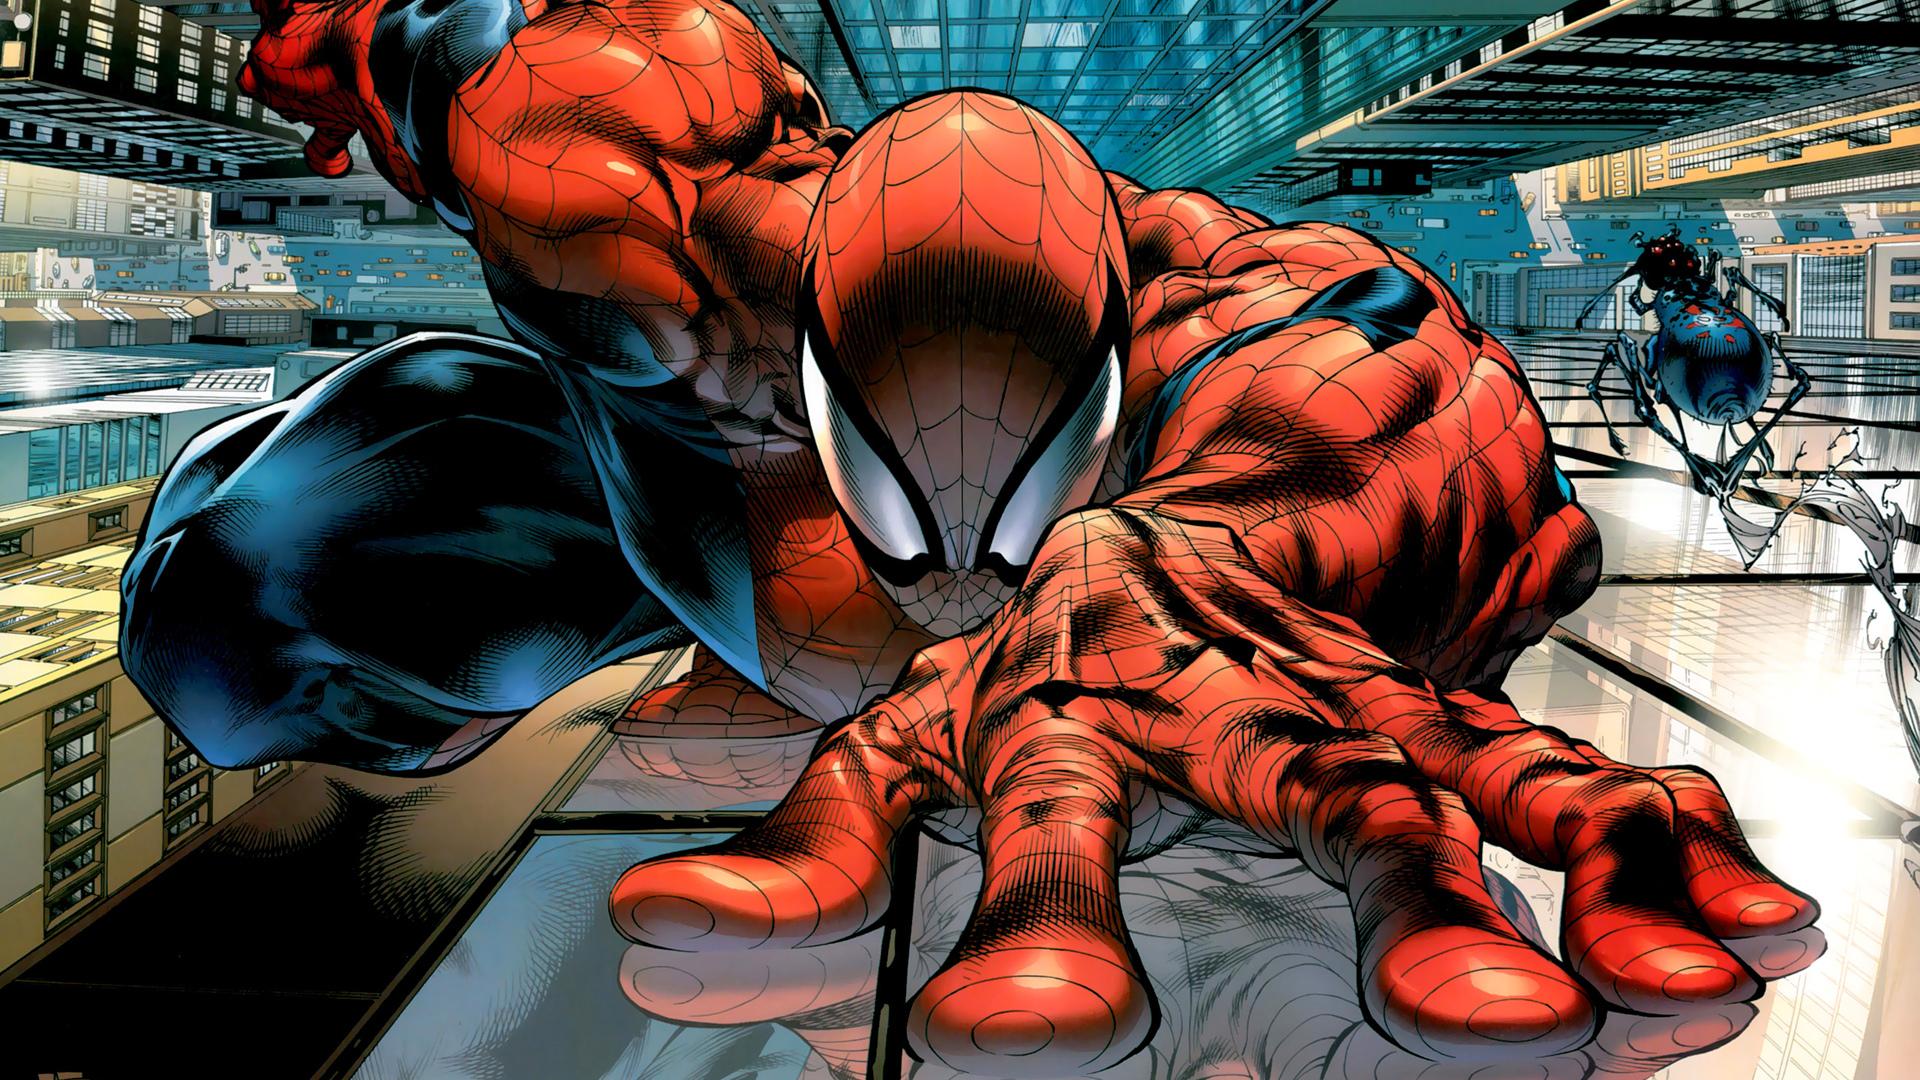 キャプテン・マーベル Hd: Fondos De Pantalla De Spiderman, Wallpapers